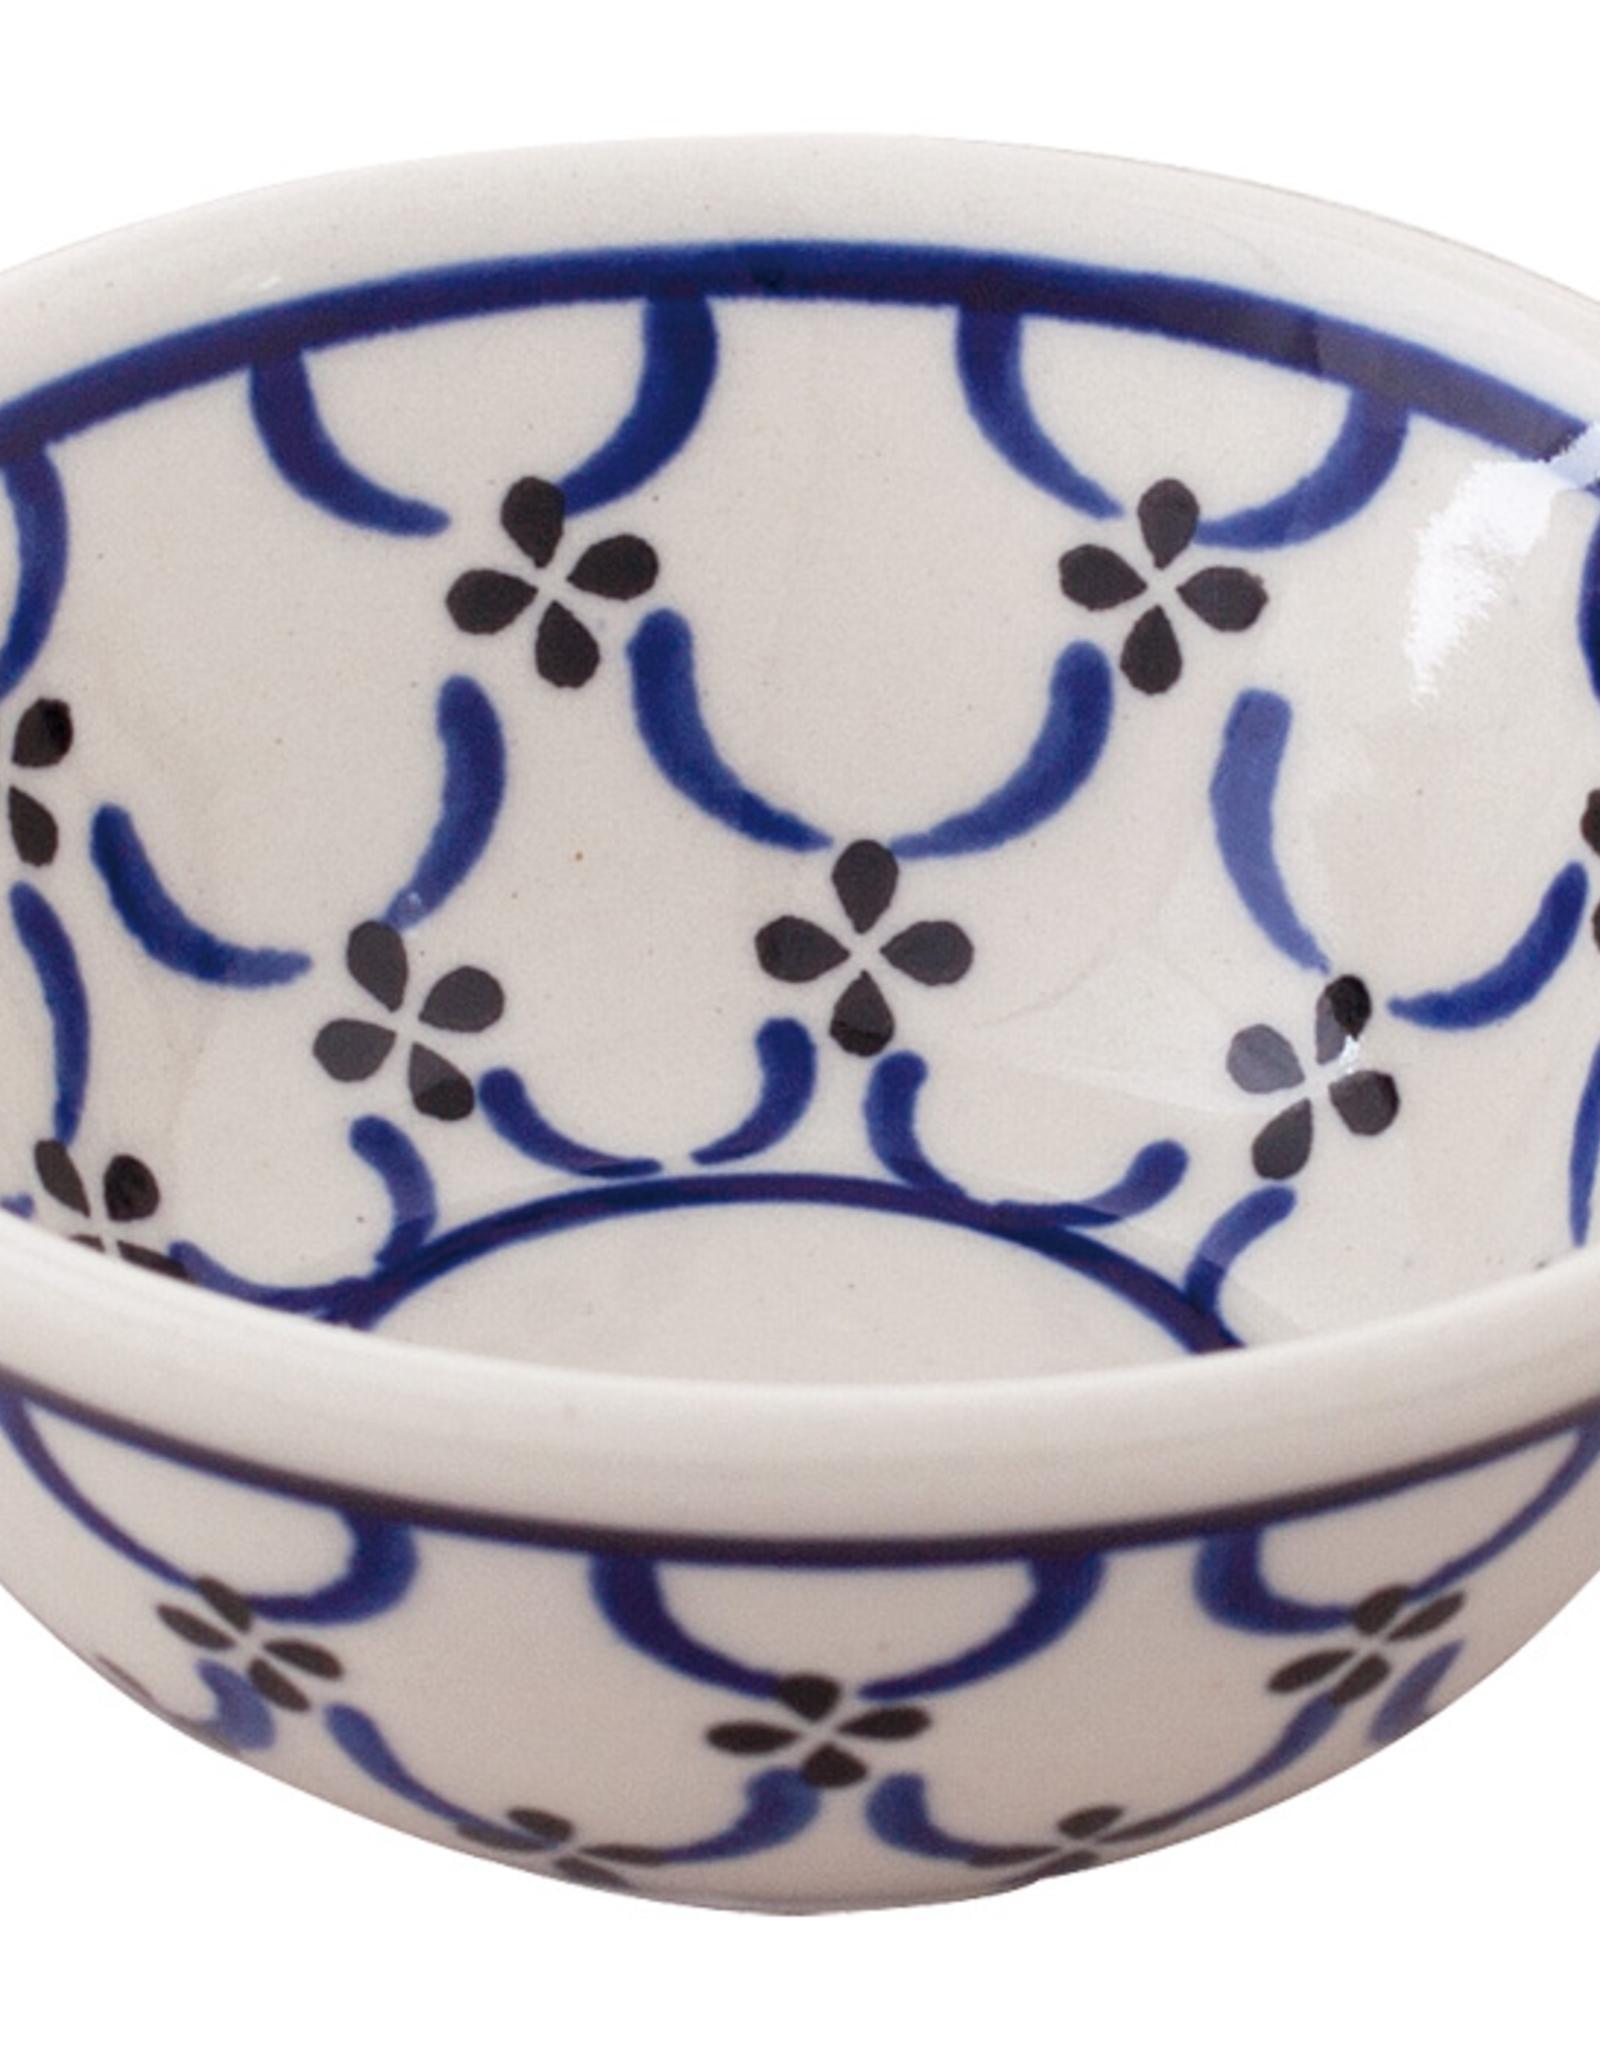 Redecker Redecker Ceramic Shaving Soap Bowl-Light Pattern